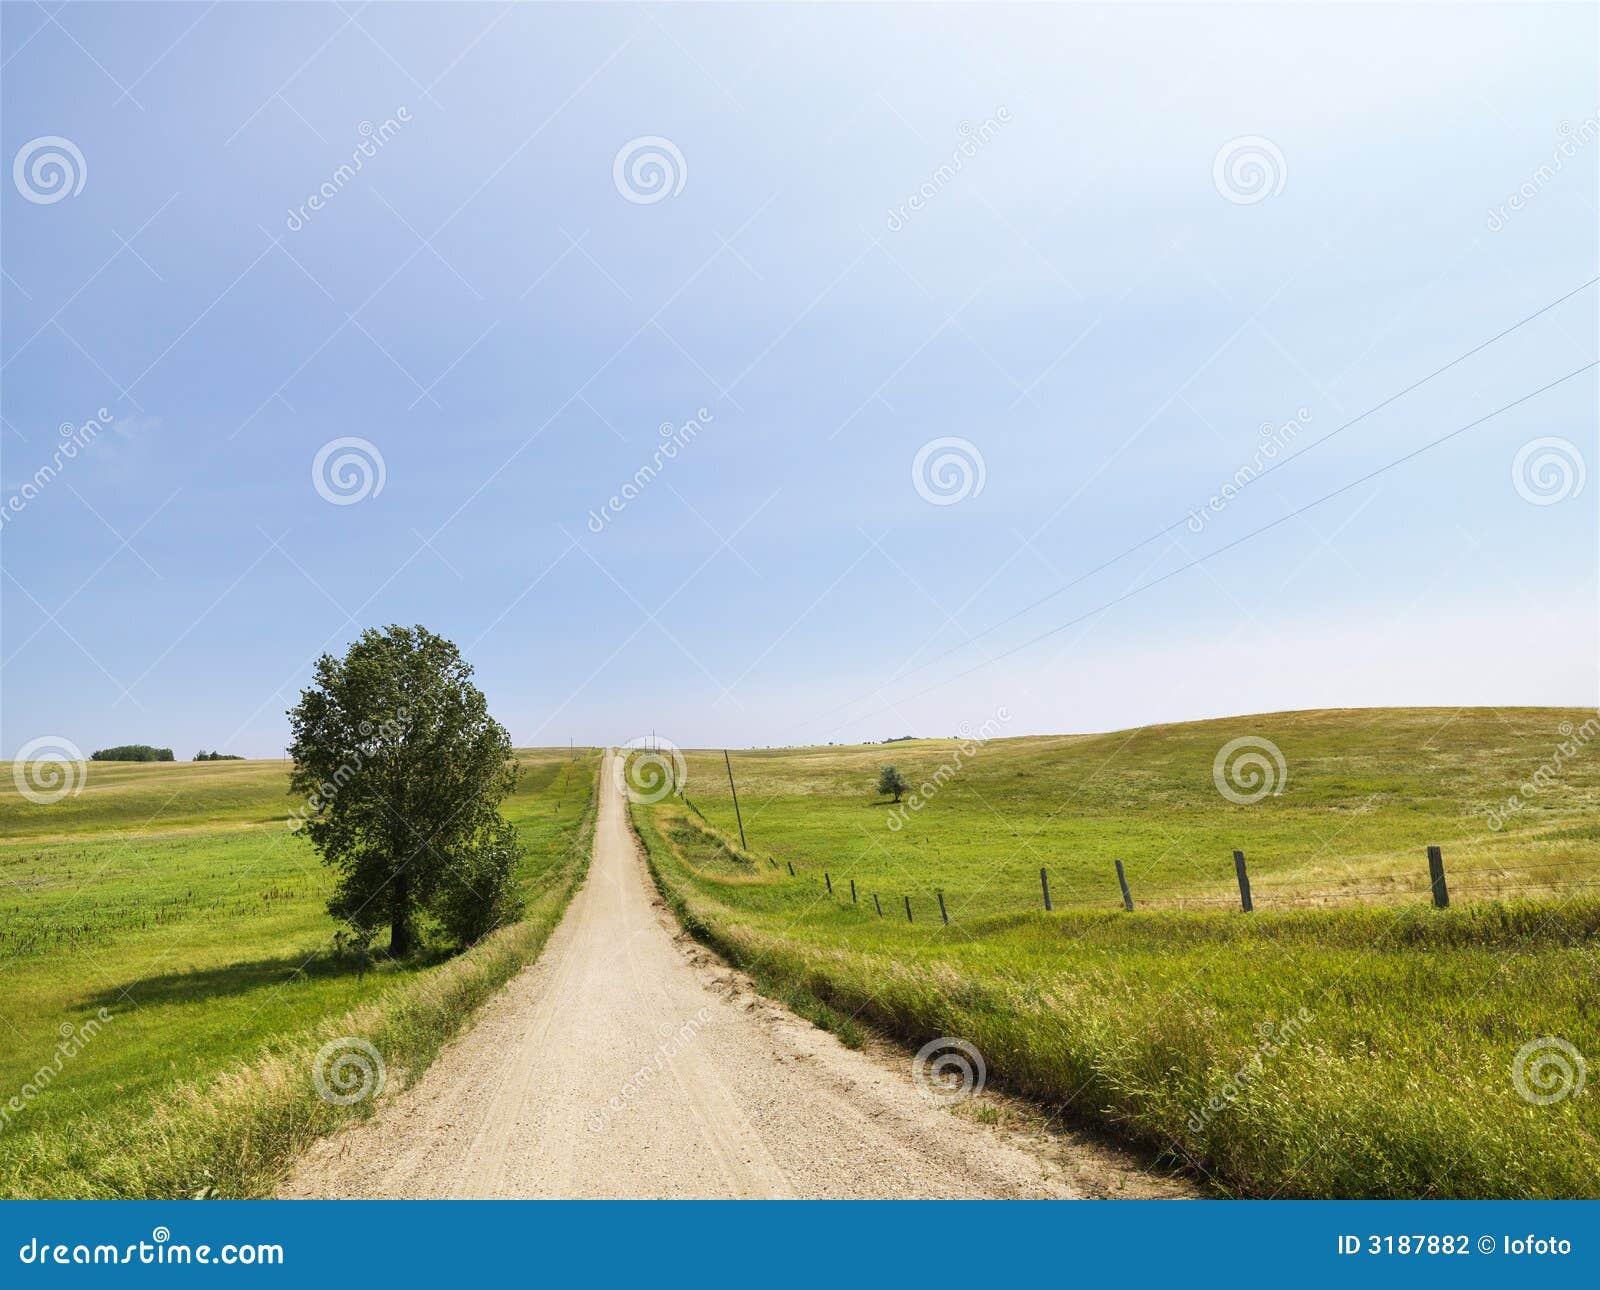 Carretera nacional rural.